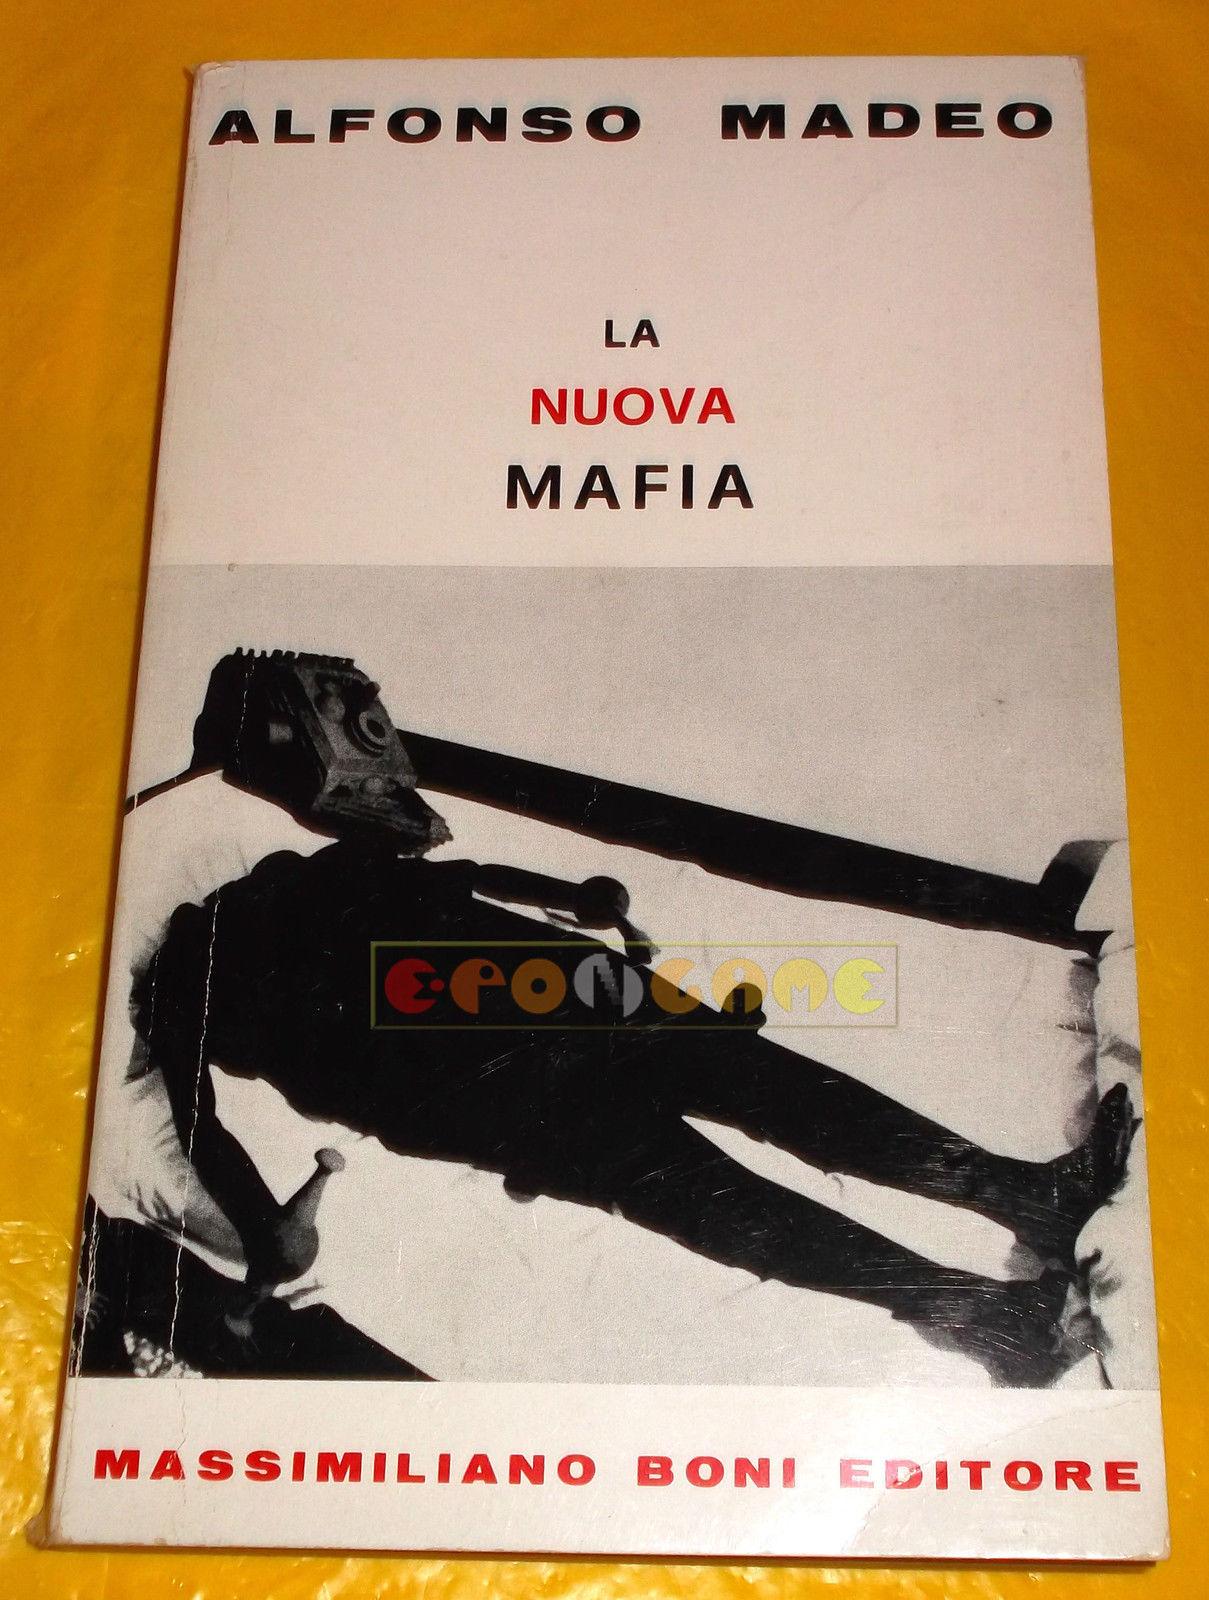 Massimiliano Boni Editore Pagine 167 Finito di stampare nel mese di marzo 1976